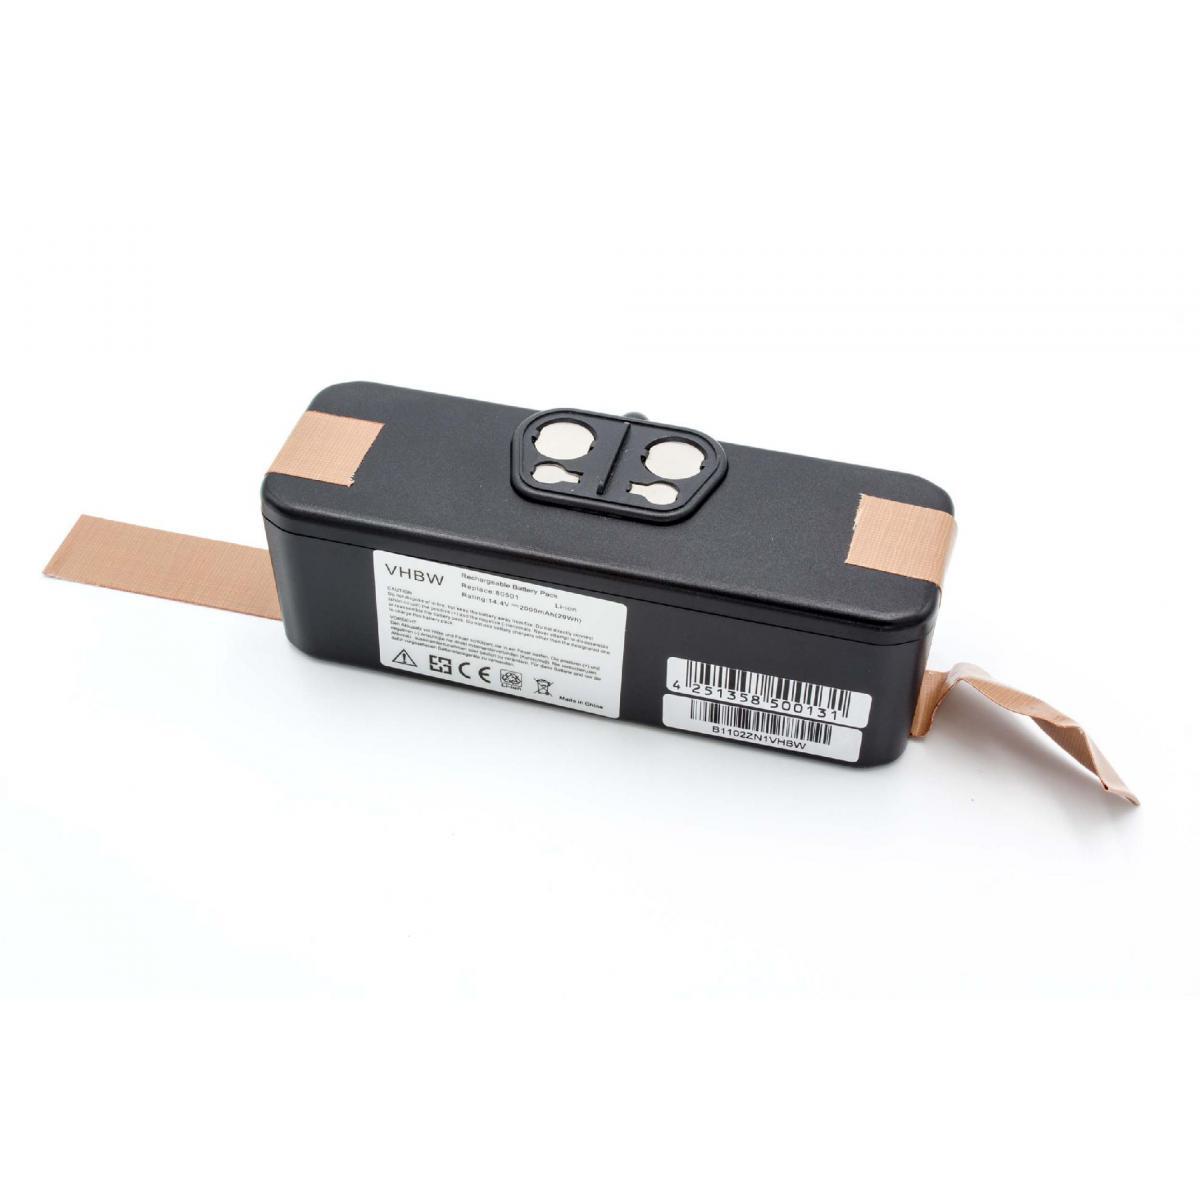 Vhbw vhbw Li-Ion Batterie 2000mAh (14.4V) compatible avec iRobot Roomba 876, 882, 882E, 886, 900, 960, 980, APS 500, R3 rempl